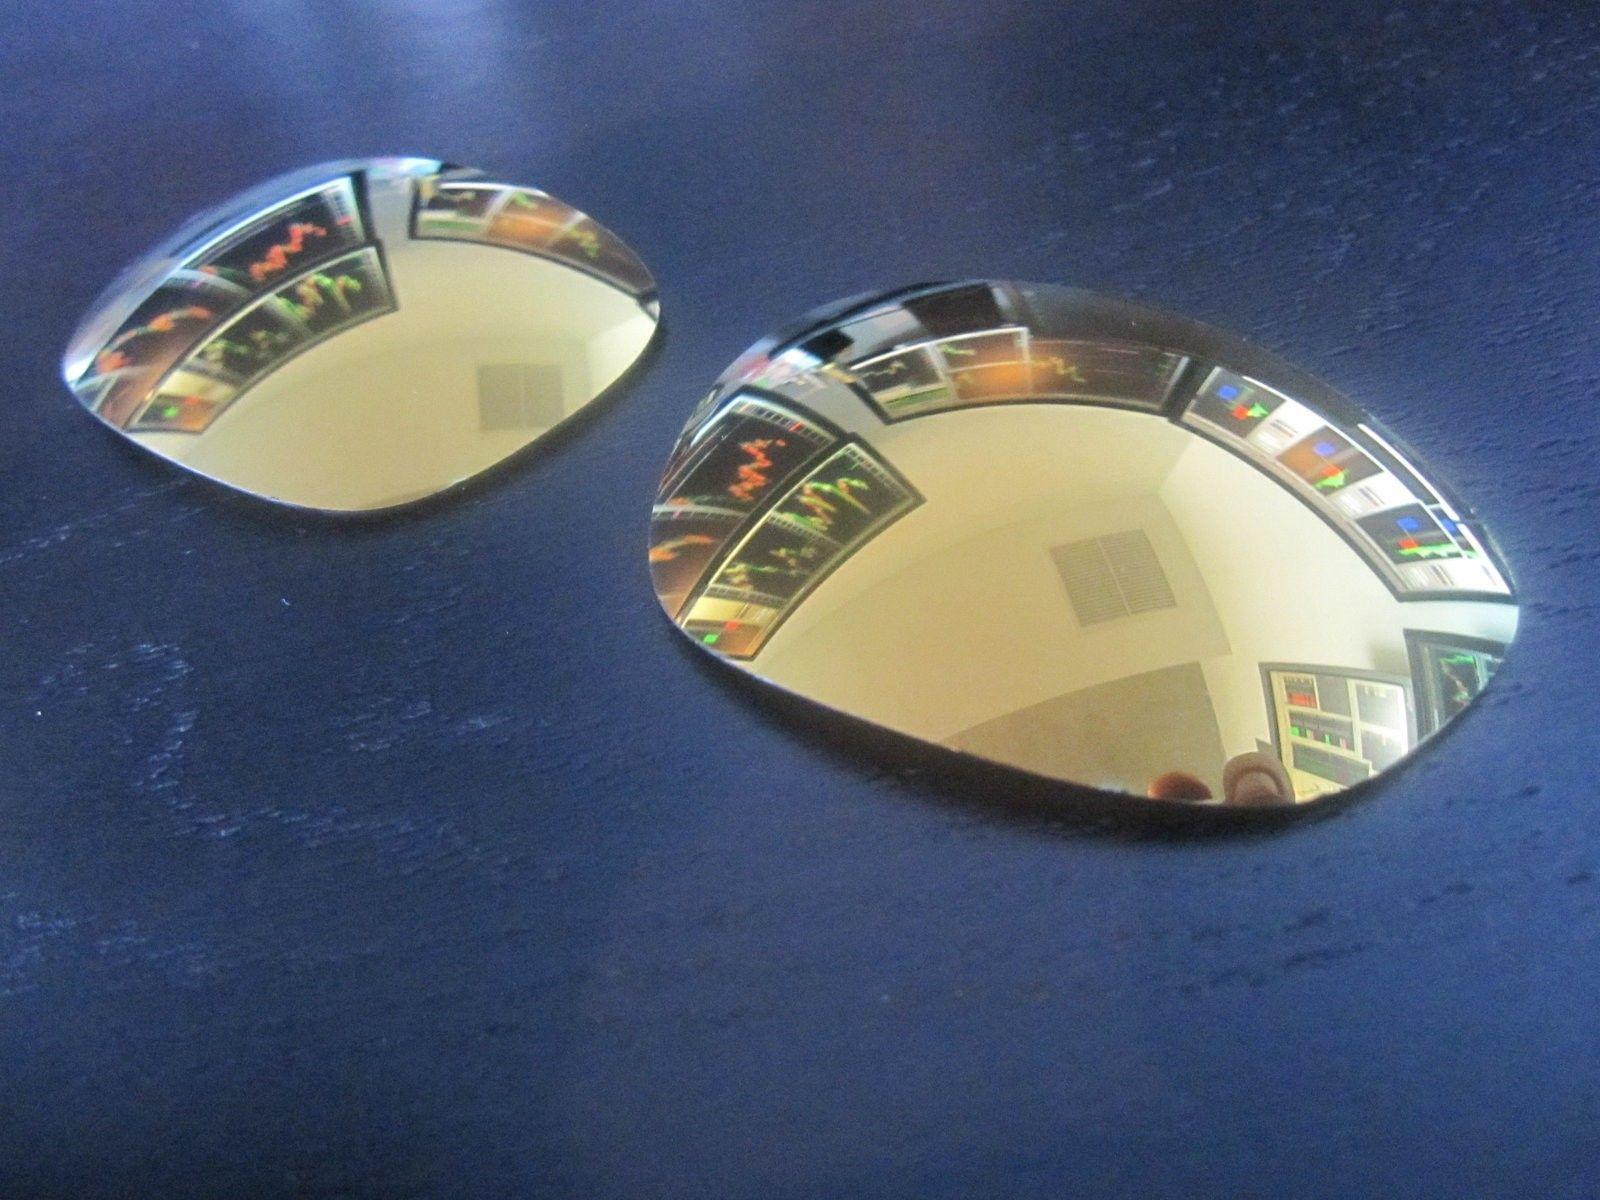 Near mint OEM lenses for XX 24K - GONE!! - IMG_5295.JPG